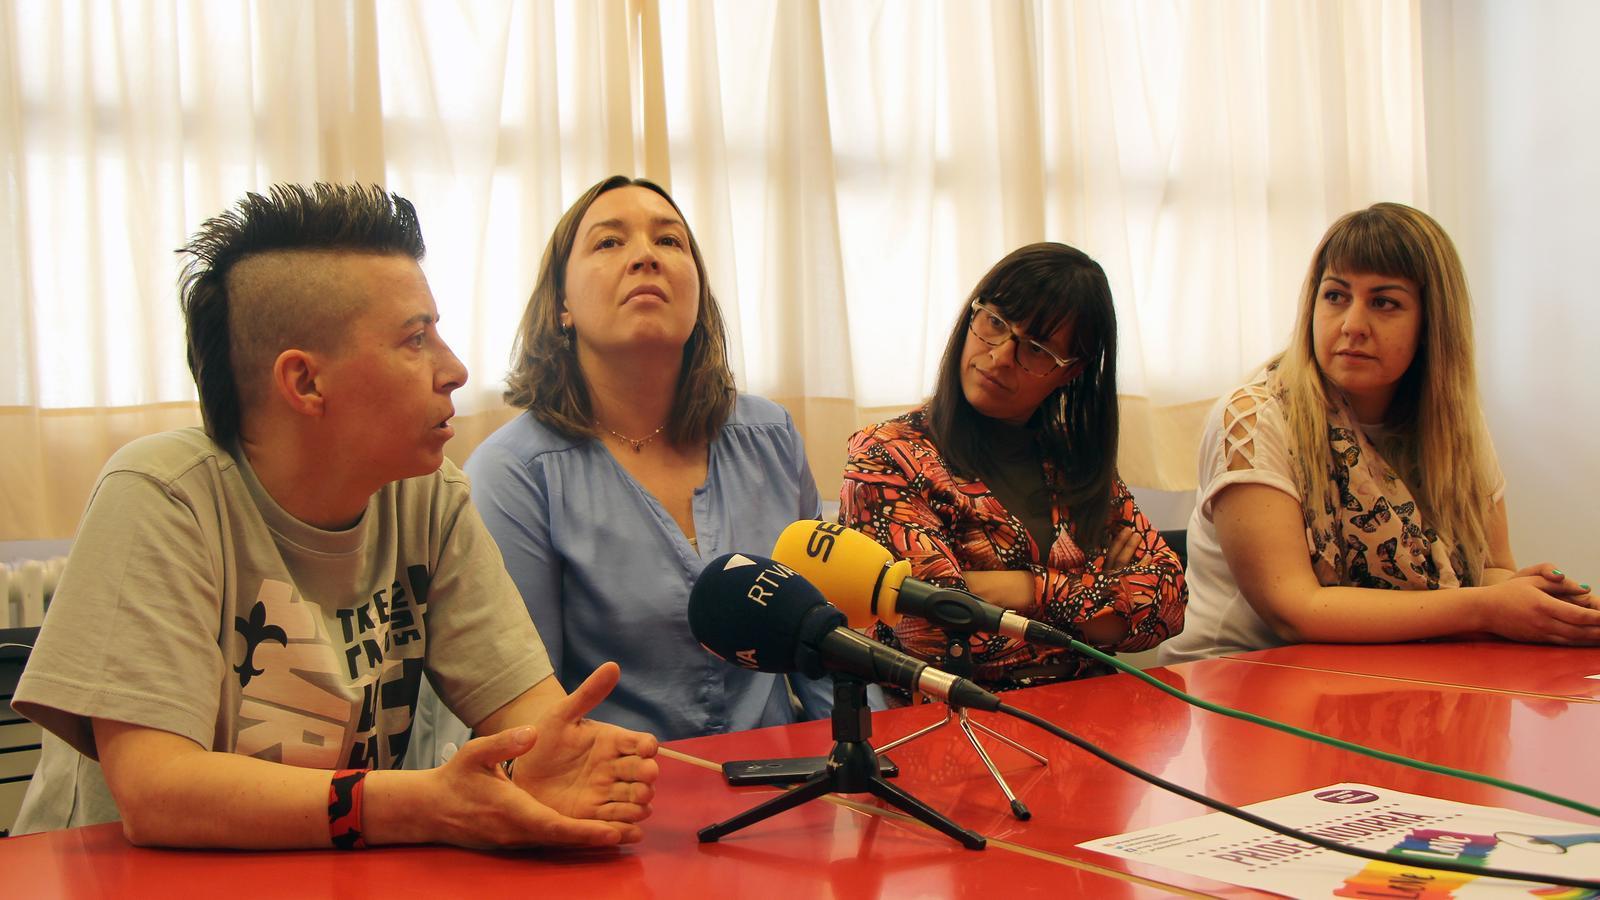 David Sicília, Rocio Soler, Vanessa Mendoza Cortés i Crsitina Valen, impulsors del primer Pride Andorra, presenten l'esdeveniment. / C. G.